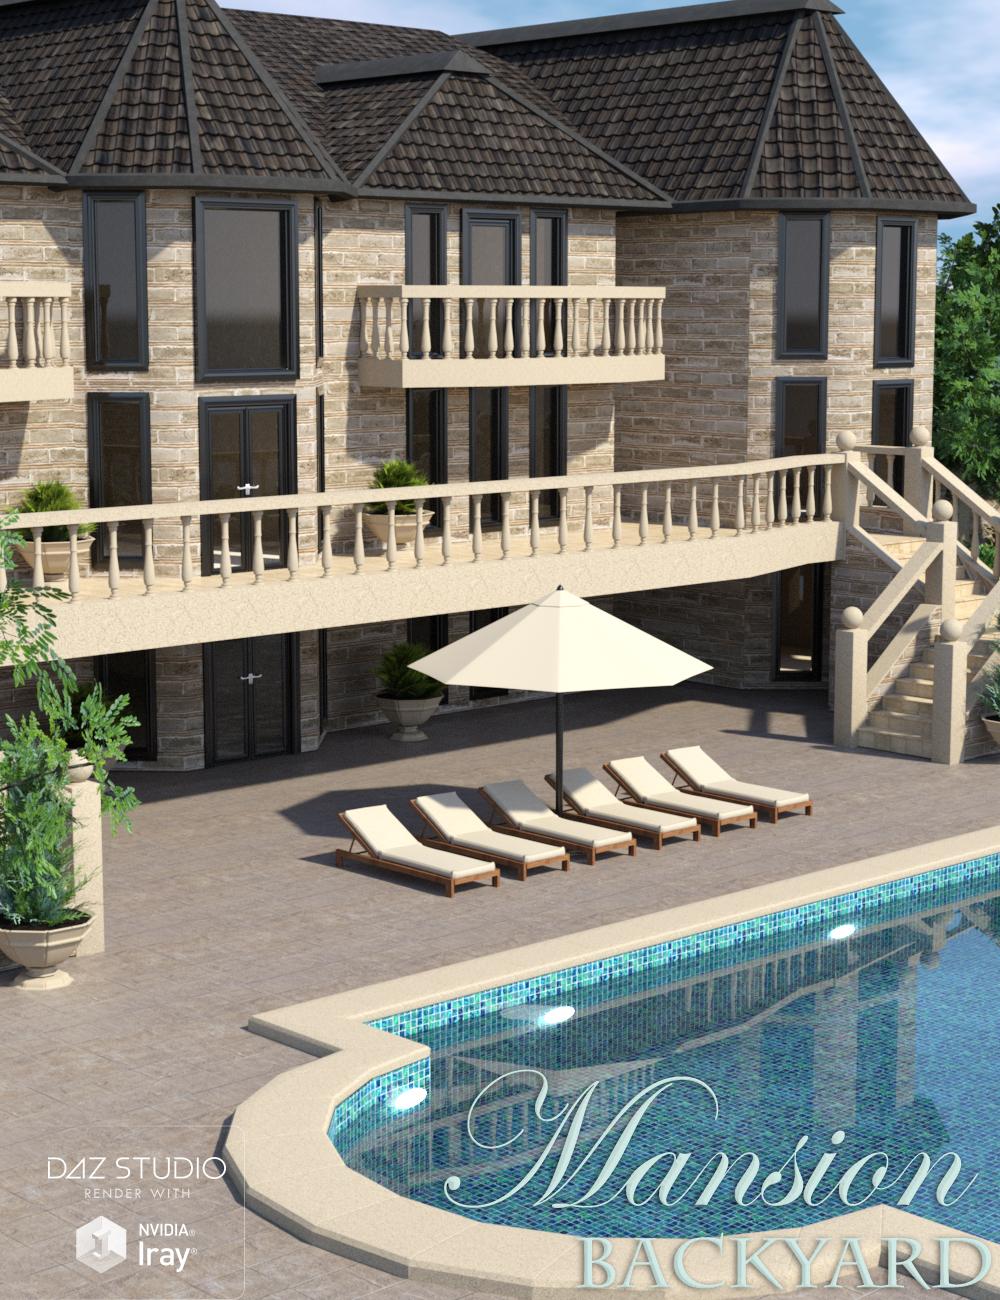 Mansion Backyard by: Nikisatez, 3D Models by Daz 3D